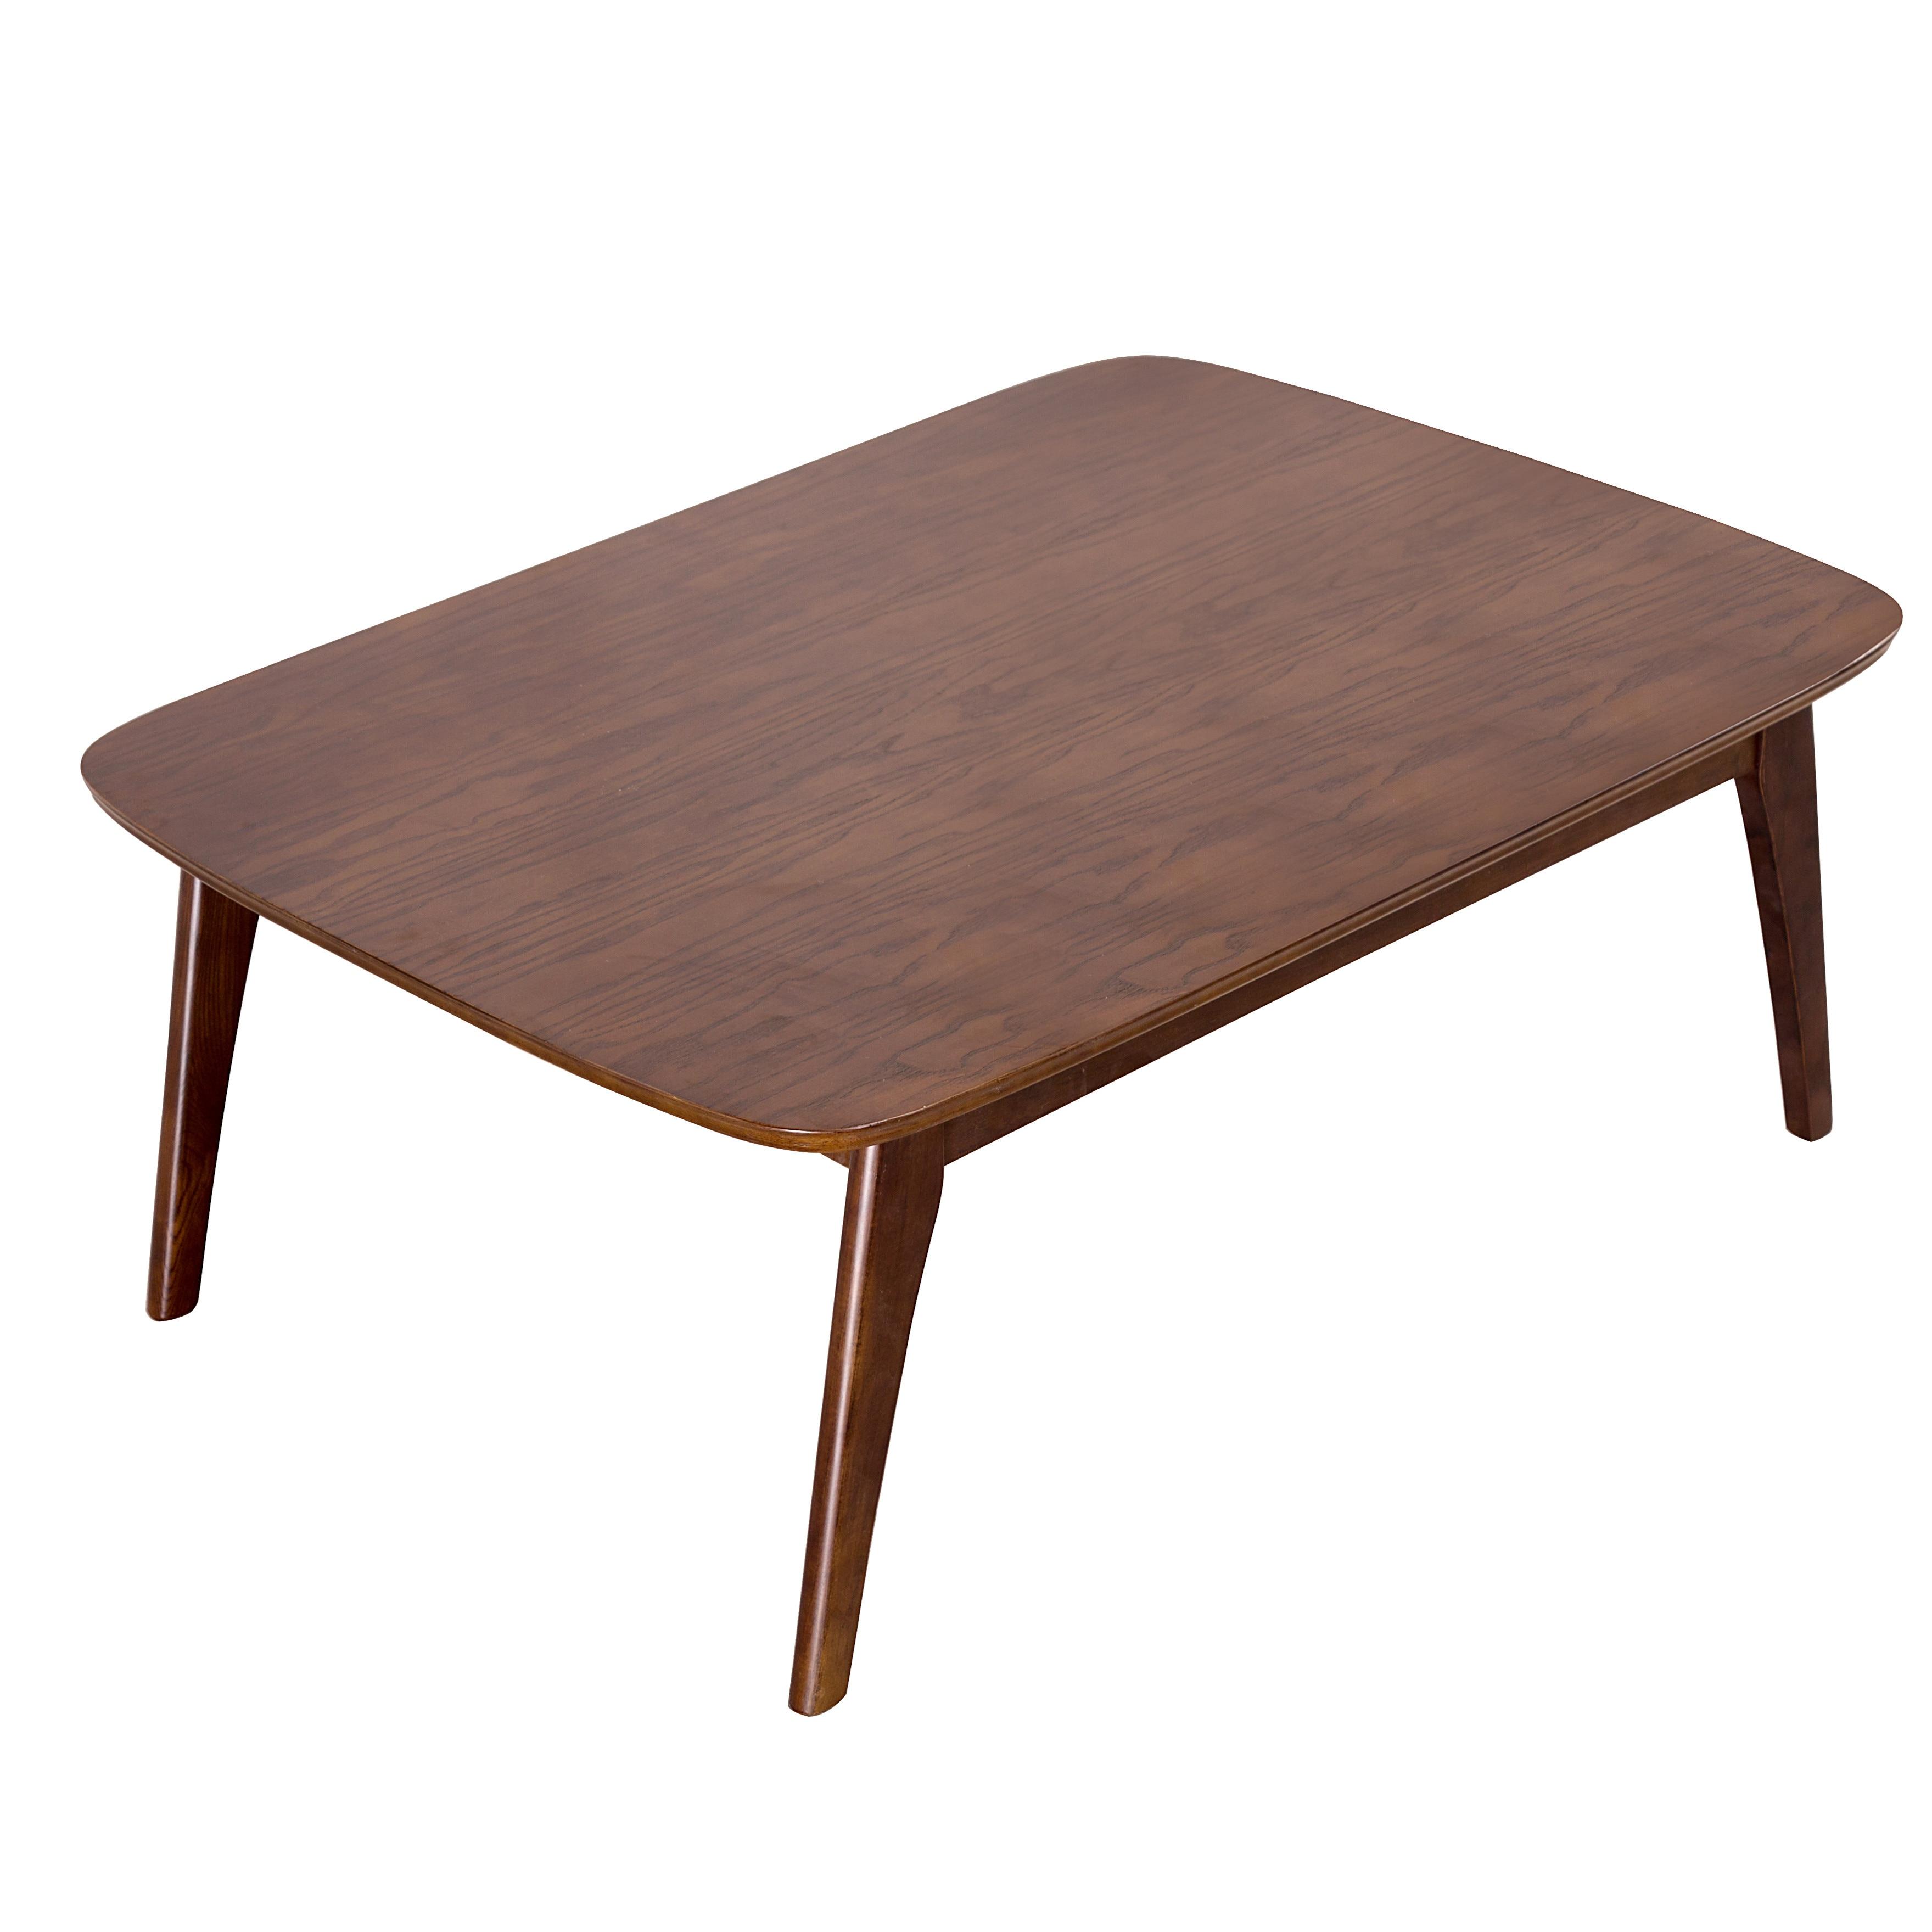 Ensemble de Table Kotatsu en bois Style japonais meubles de salon Table basse finition noyer foncé Table centrale asiatique en bois de frêne massif